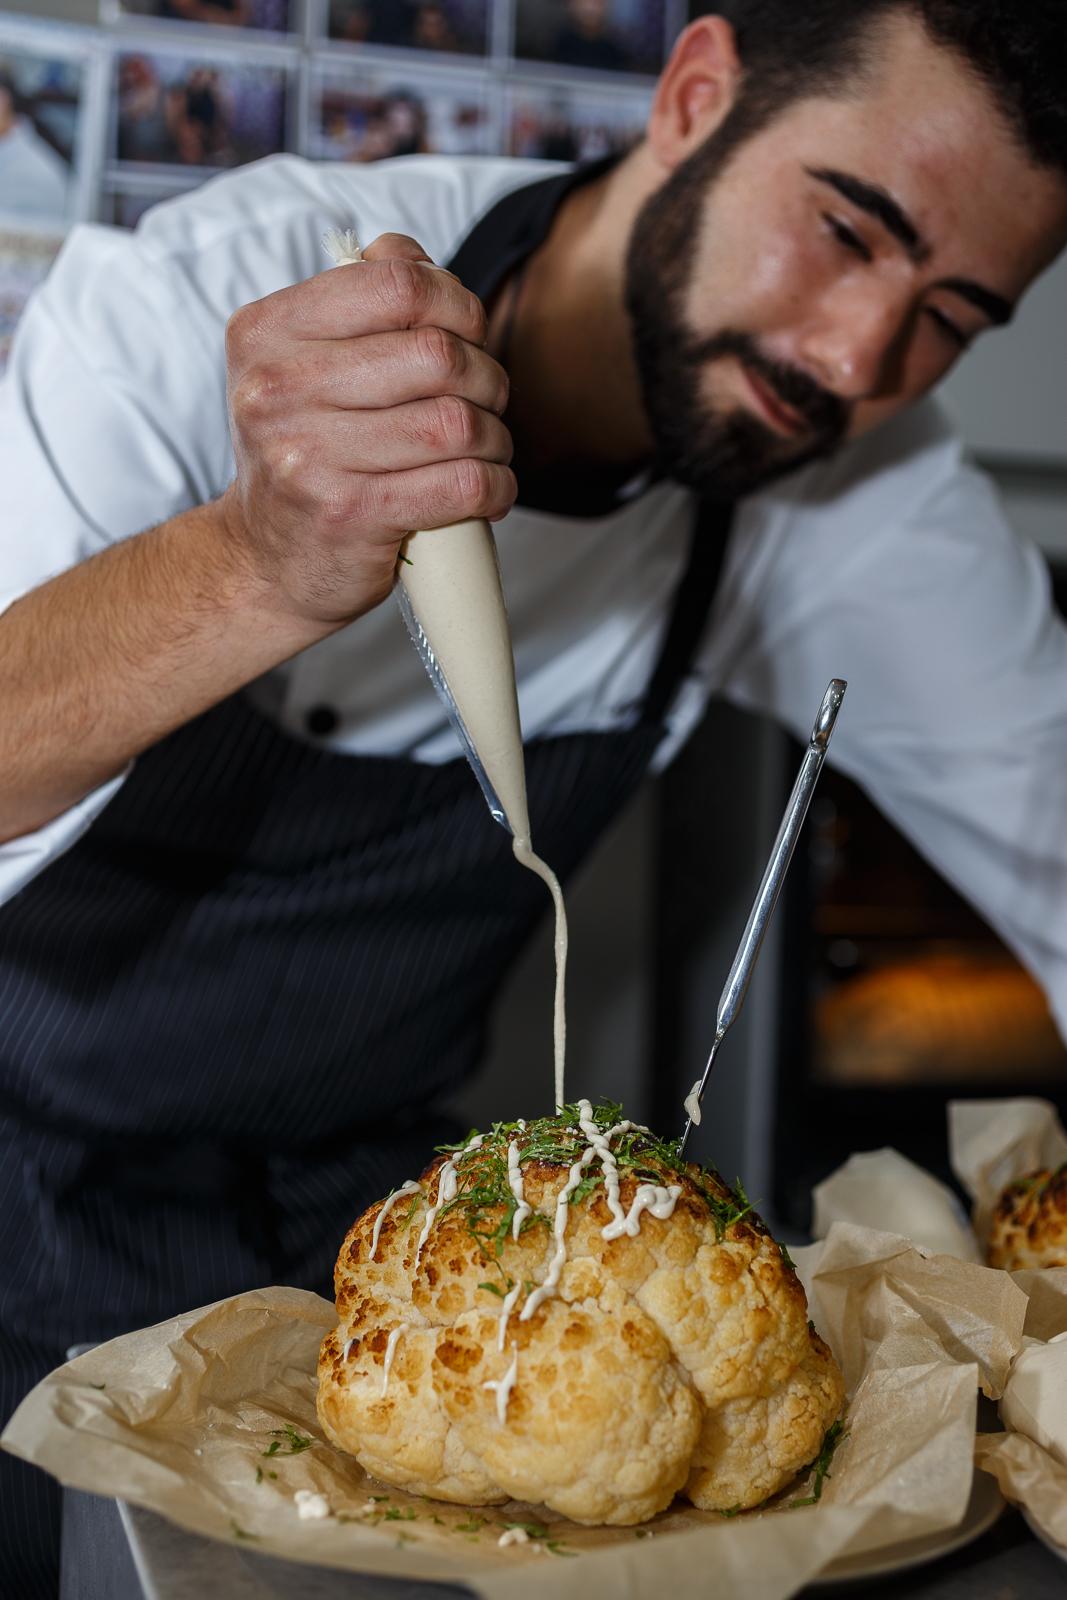 אוכל זה טוב! by avishay - Ourboox.com